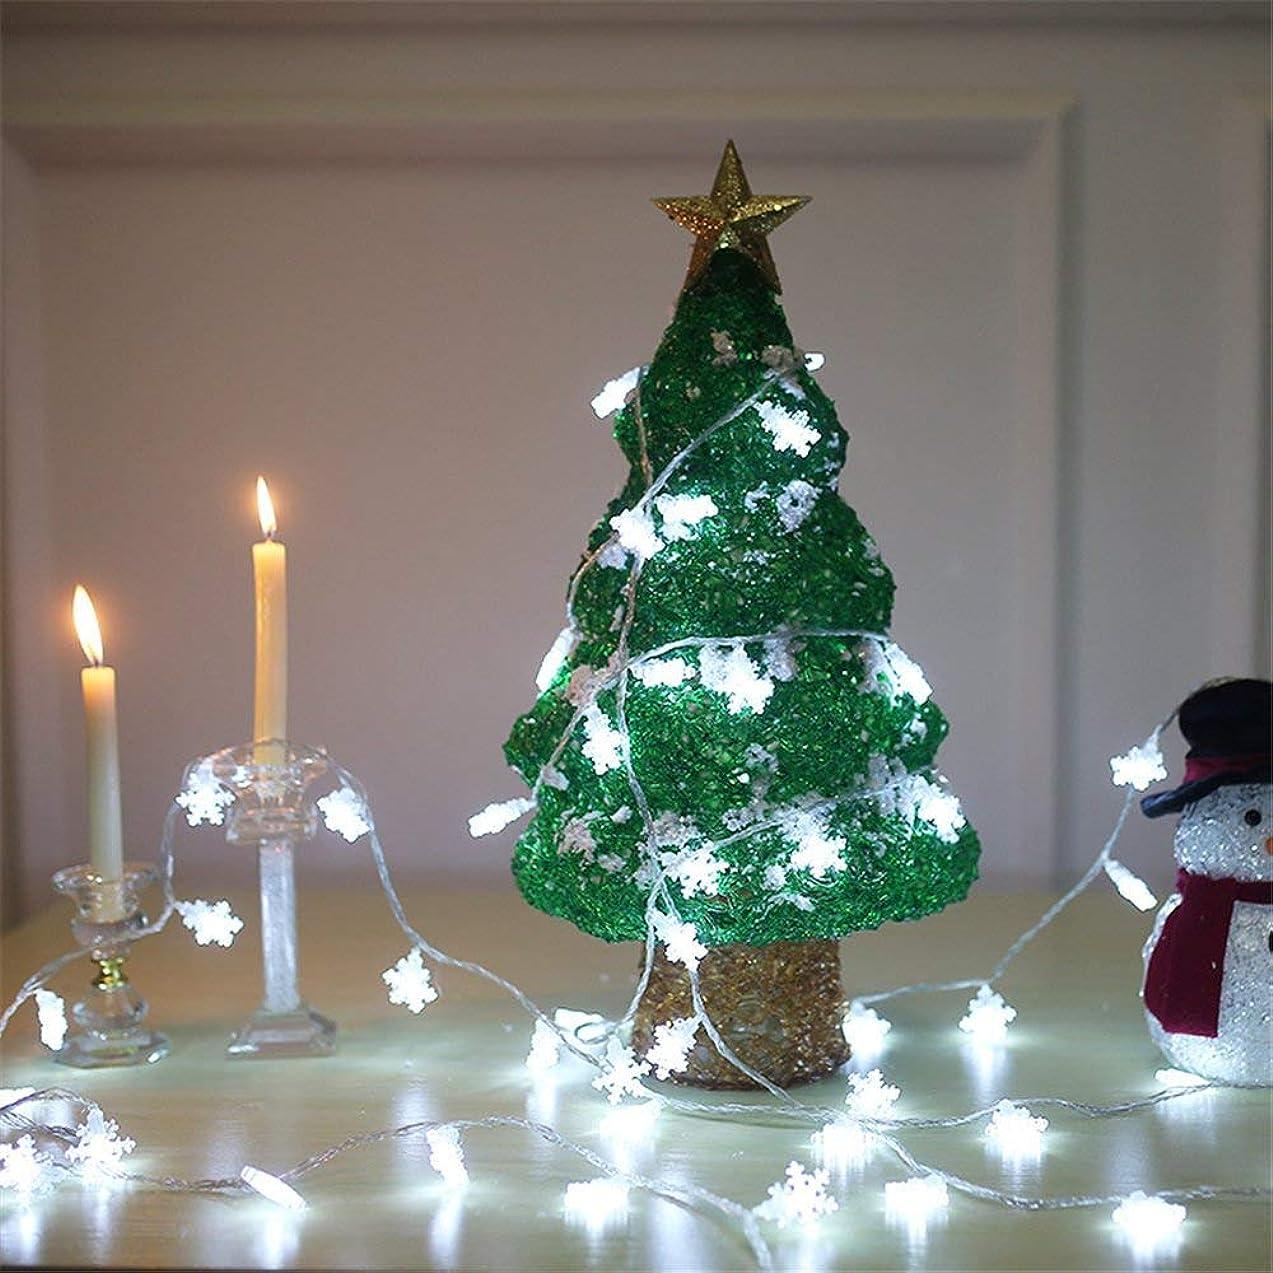 皮肉防腐剤盗賊Homecube LEDイルミネーションライト ソーラーライト 30球 雪型 クリスマス飾り パーティー 結婚式 誕生日 明暗センサーライト ガーデンライト 屋内屋外 防水 長さ6.5m 新年祝い (ホワイト)